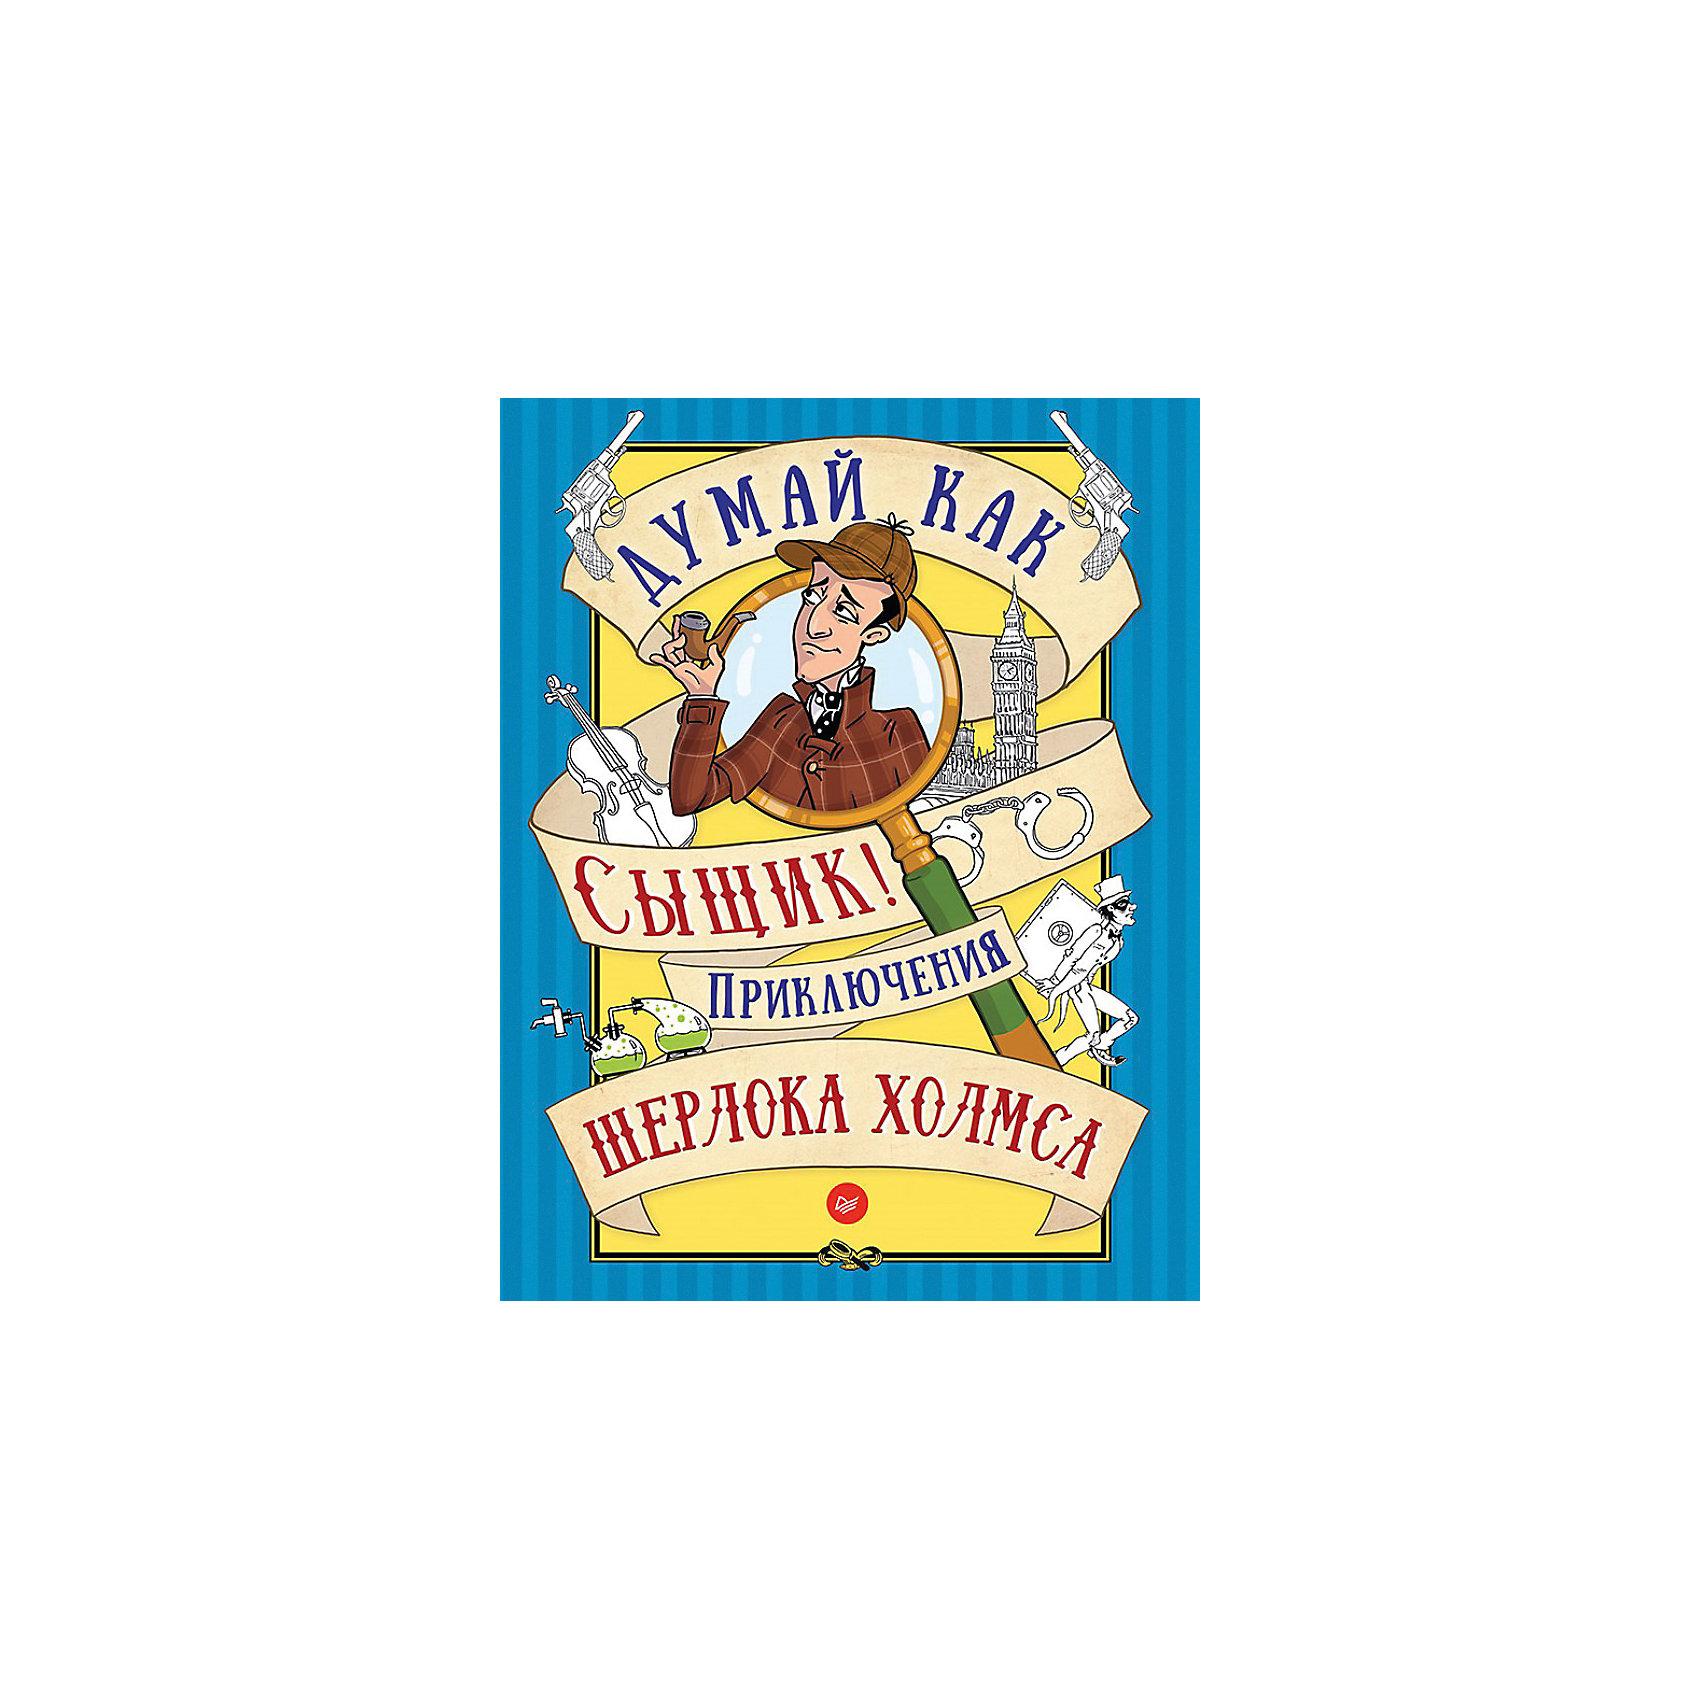 Думай как сыщик! Приключения Шерлока ХолмсаВикторины и ребусы<br>Книга «Думай как сыщик! Приключения Шерлока Холмса» - отличный помощник  в развитии логики и дедукции у ребенка. Название книги полностью оправдывает содержание. Знаменитый Шерлок Холмс научит применять ребенка наблюдательность и внимательность к деталям. Каждая страница книги содержит яркие и красочные иллюстрации, которые понравятся любому ребенку. Место действия – викторианский Лондон. Ребенок будет решать ребусы, бороться с головоломками и искать выход из сложных лабиринтов. Книга понравится своей необычностью и детям и их родителям.<br><br>Дополнительная информация:<br><br>страниц: 64;<br>формат:  205 х 260 мм.<br><br>Сборник Думай как сыщик! Приключения Шерлока Холмса можно приобрести в нашем магазине.<br><br>Ширина мм: 252<br>Глубина мм: 195<br>Высота мм: 3<br>Вес г: 146<br>Возраст от месяцев: 72<br>Возраст до месяцев: 2147483647<br>Пол: Унисекс<br>Возраст: Детский<br>SKU: 4966203